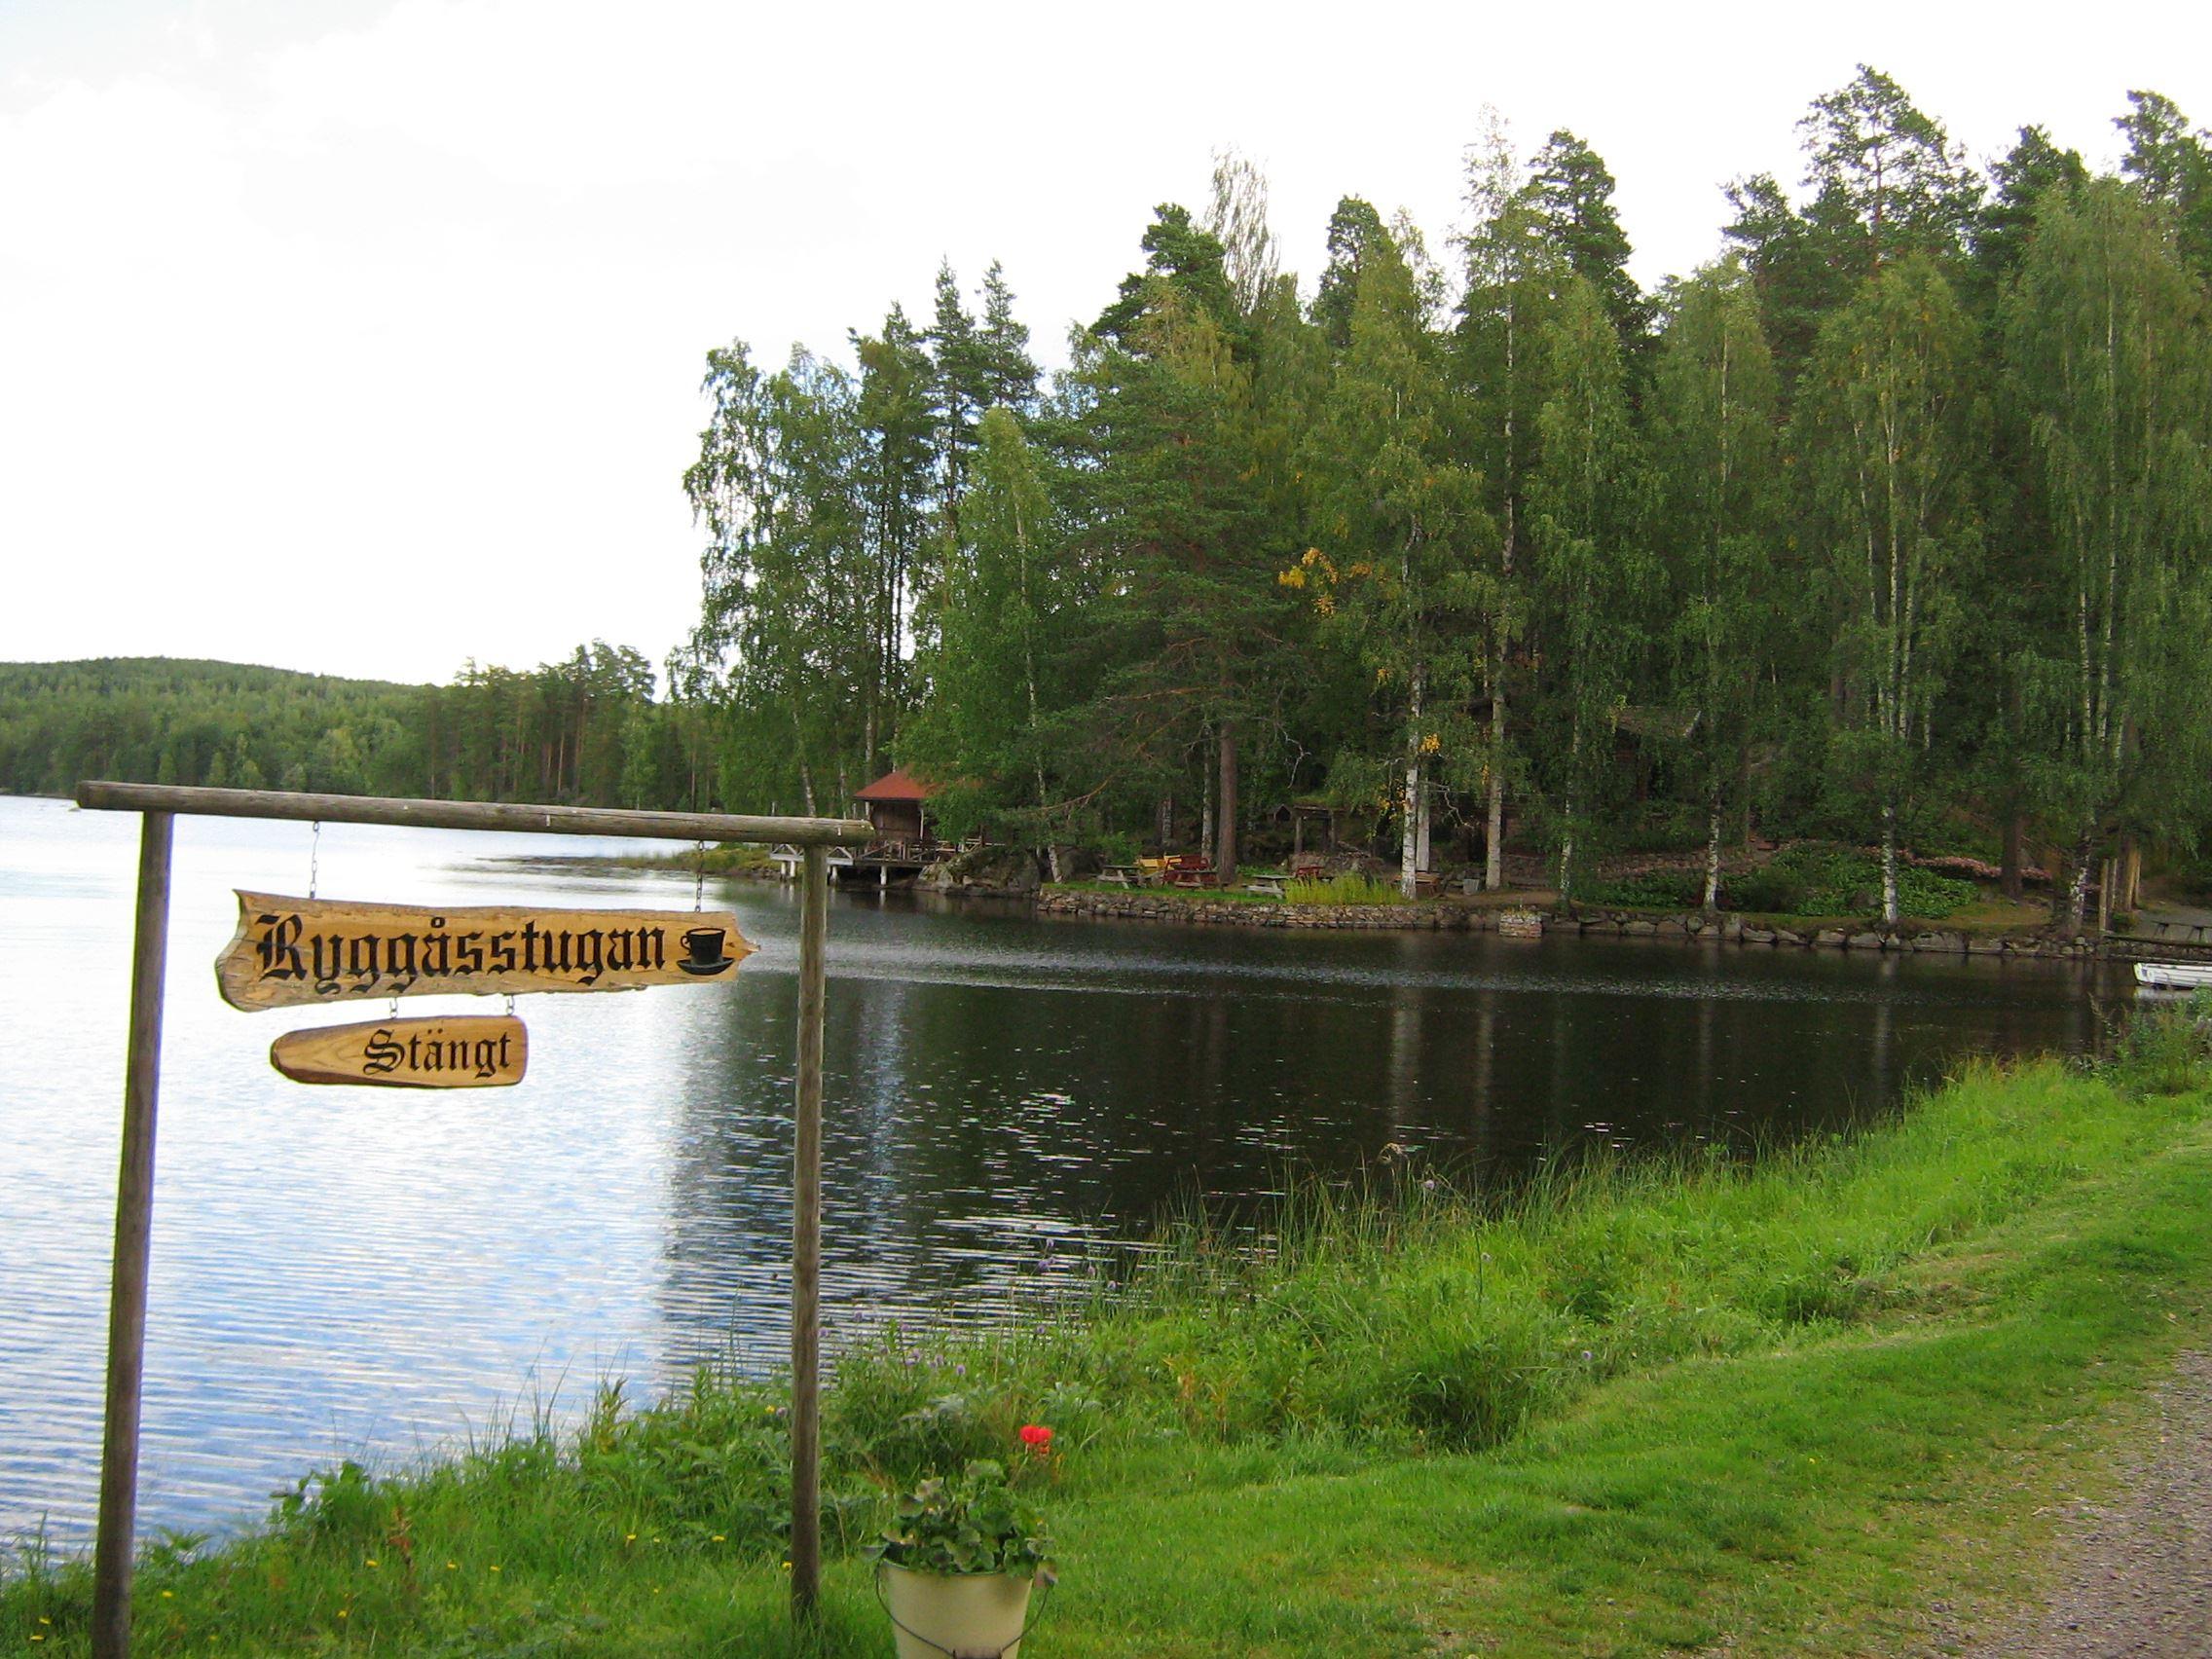 Ryggåsstugan, Snöån, Dala-Järna